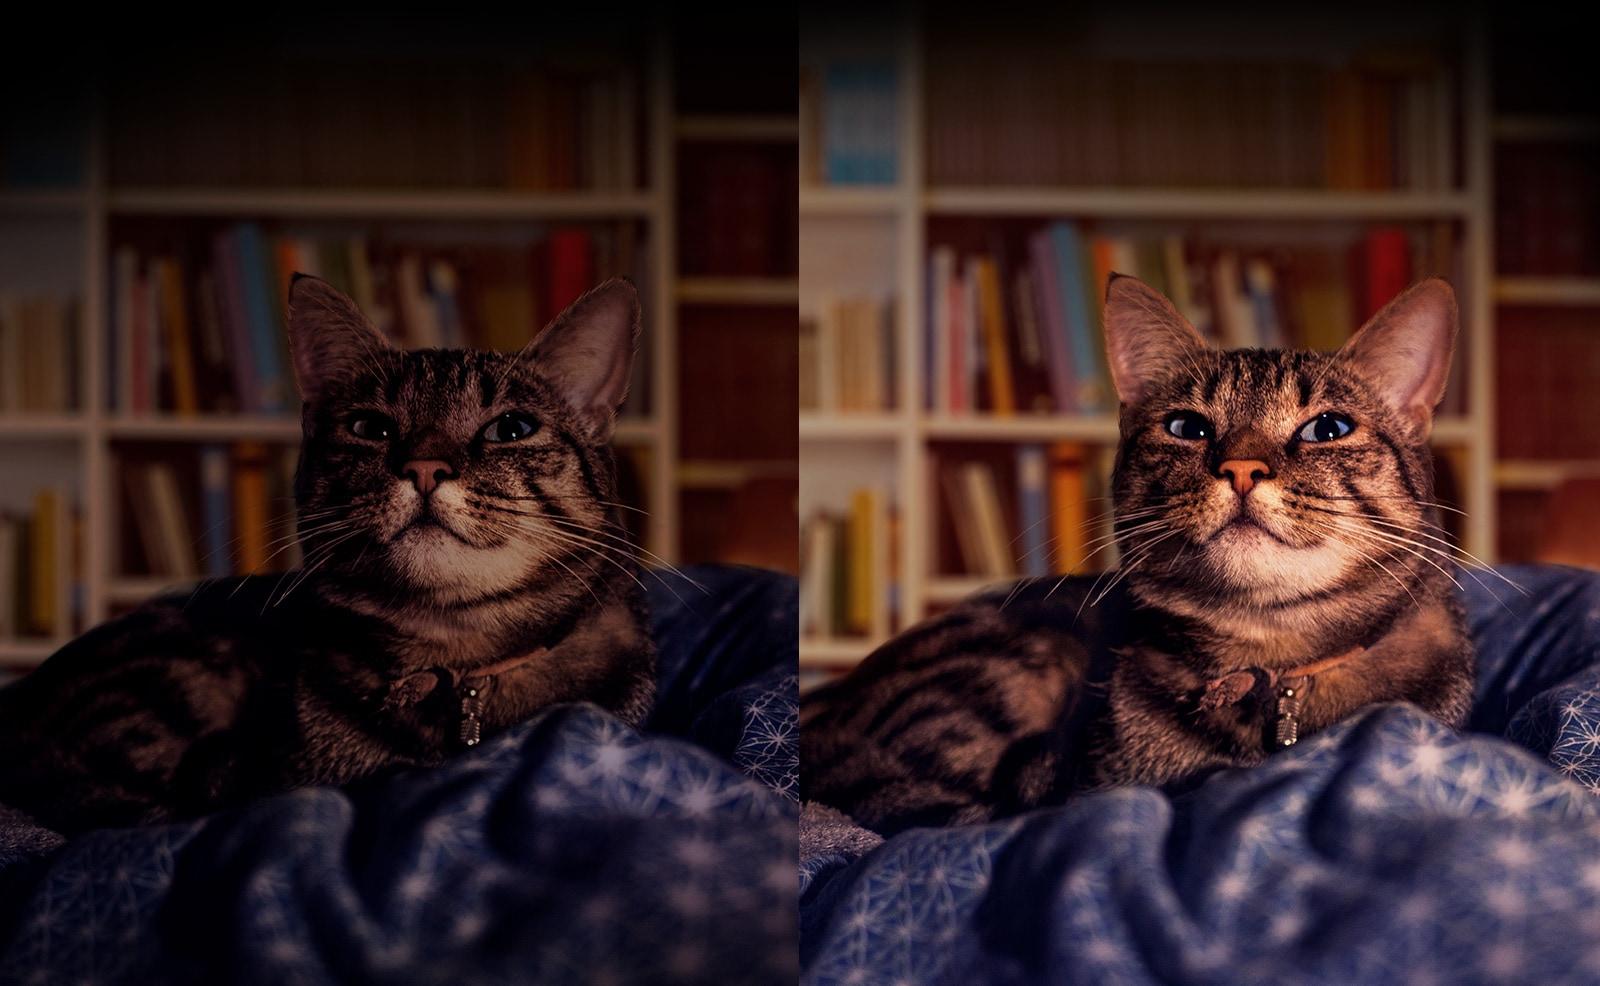 To samo zdjęcie kota, po lewej stronie ciemne, a po prawej jasne